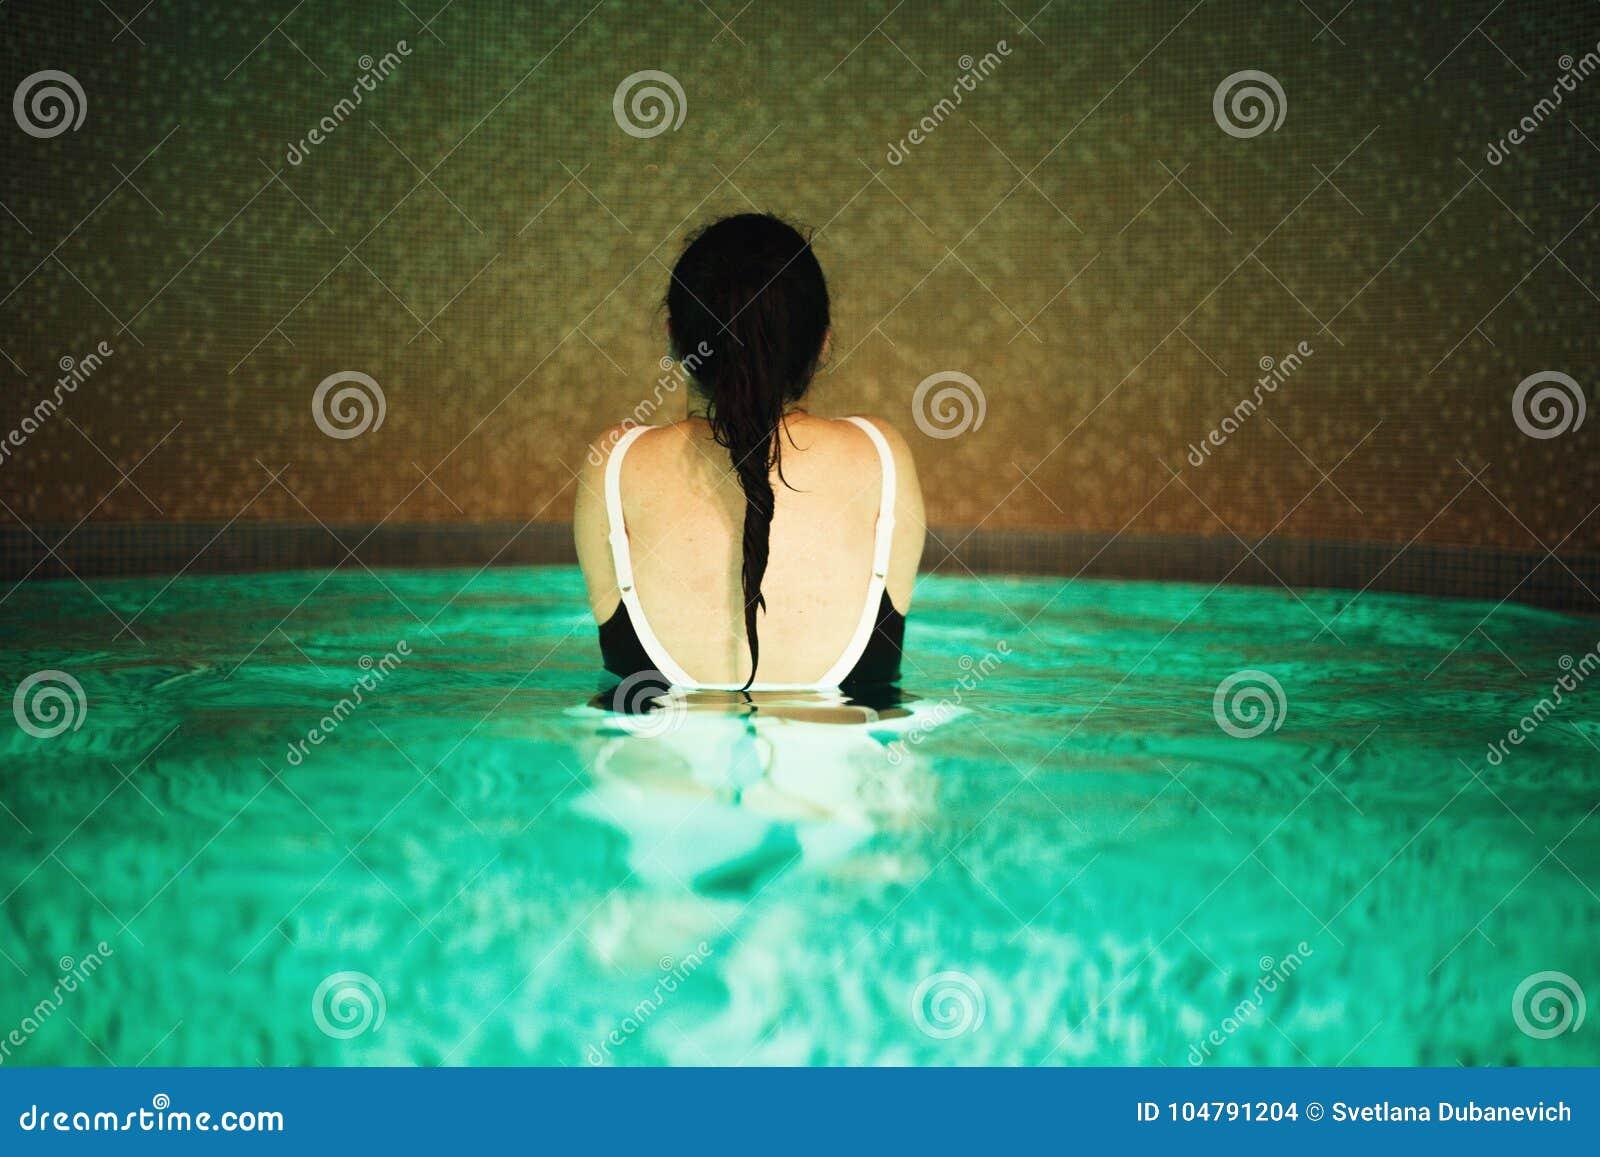 Girl in the pool backs